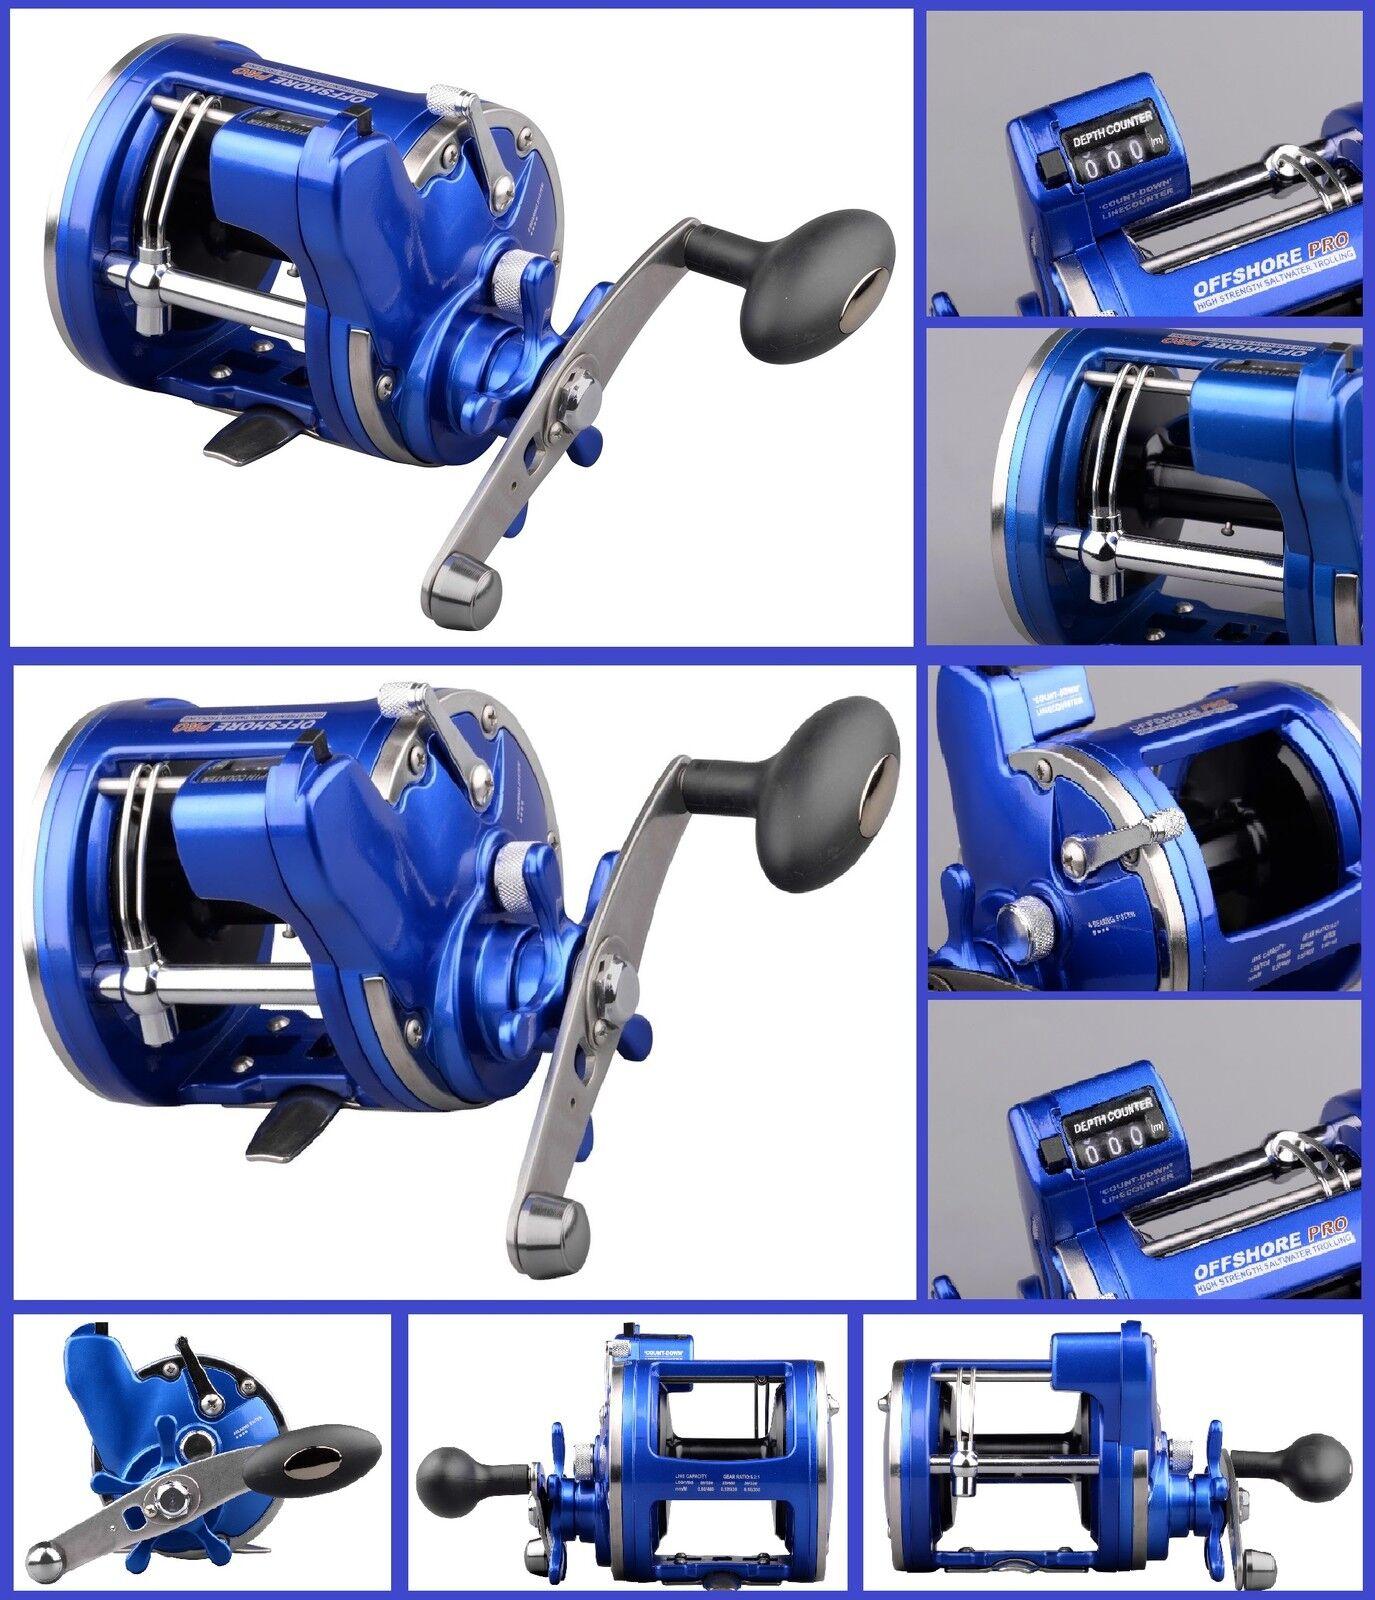 Spro Offshore Pro Blau 4300 4500 Zählwerk RH Rechtshand Multirolle Meter Zählwerk 4500 NEW OVP 120636